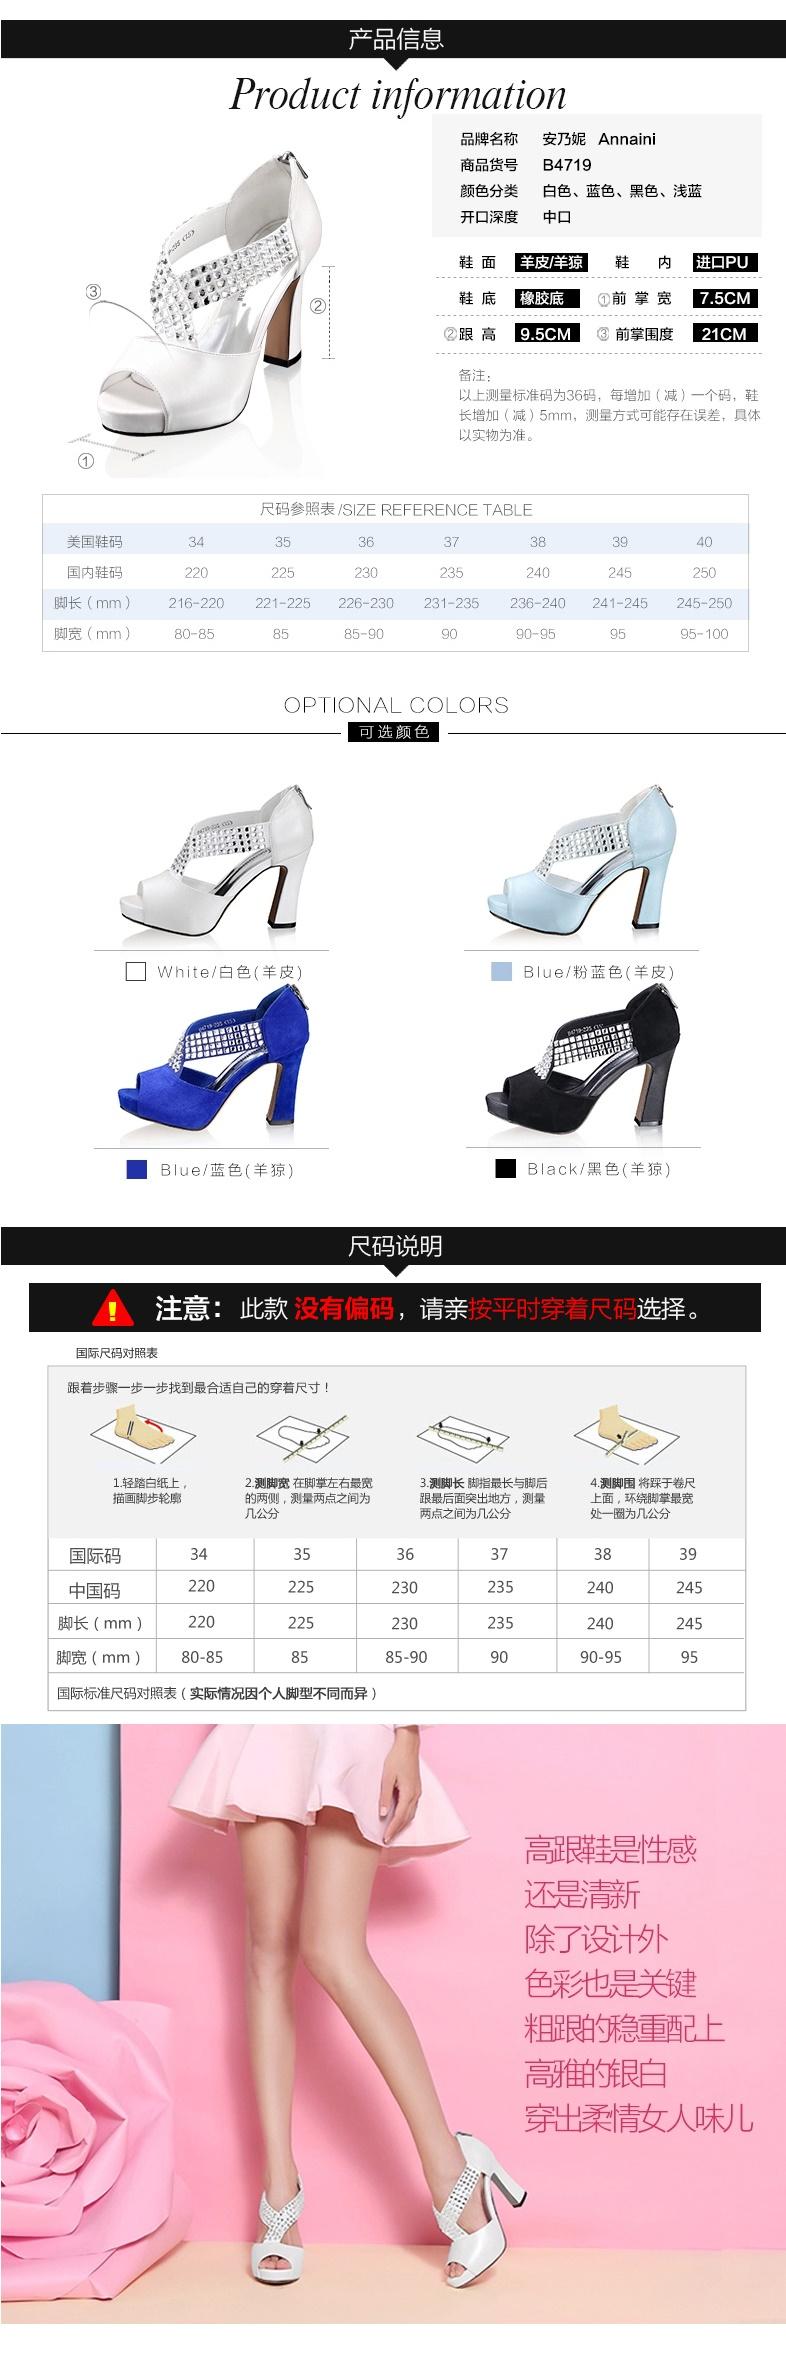 高跟鞋淘宝详情页设计